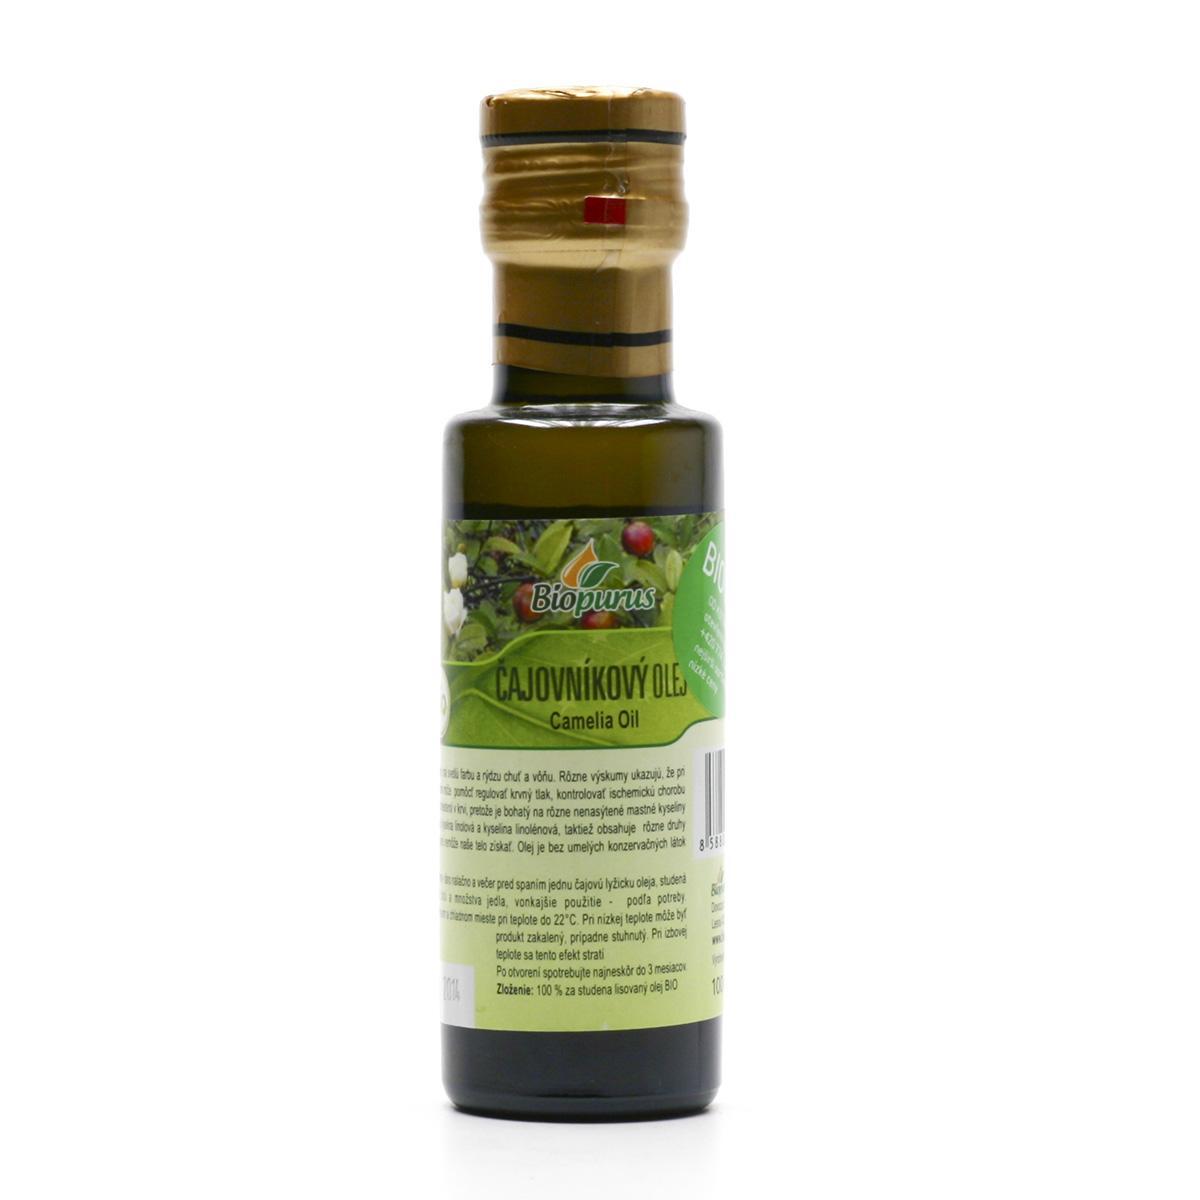 Biopurus Čajovníkový olej bio 100 ml